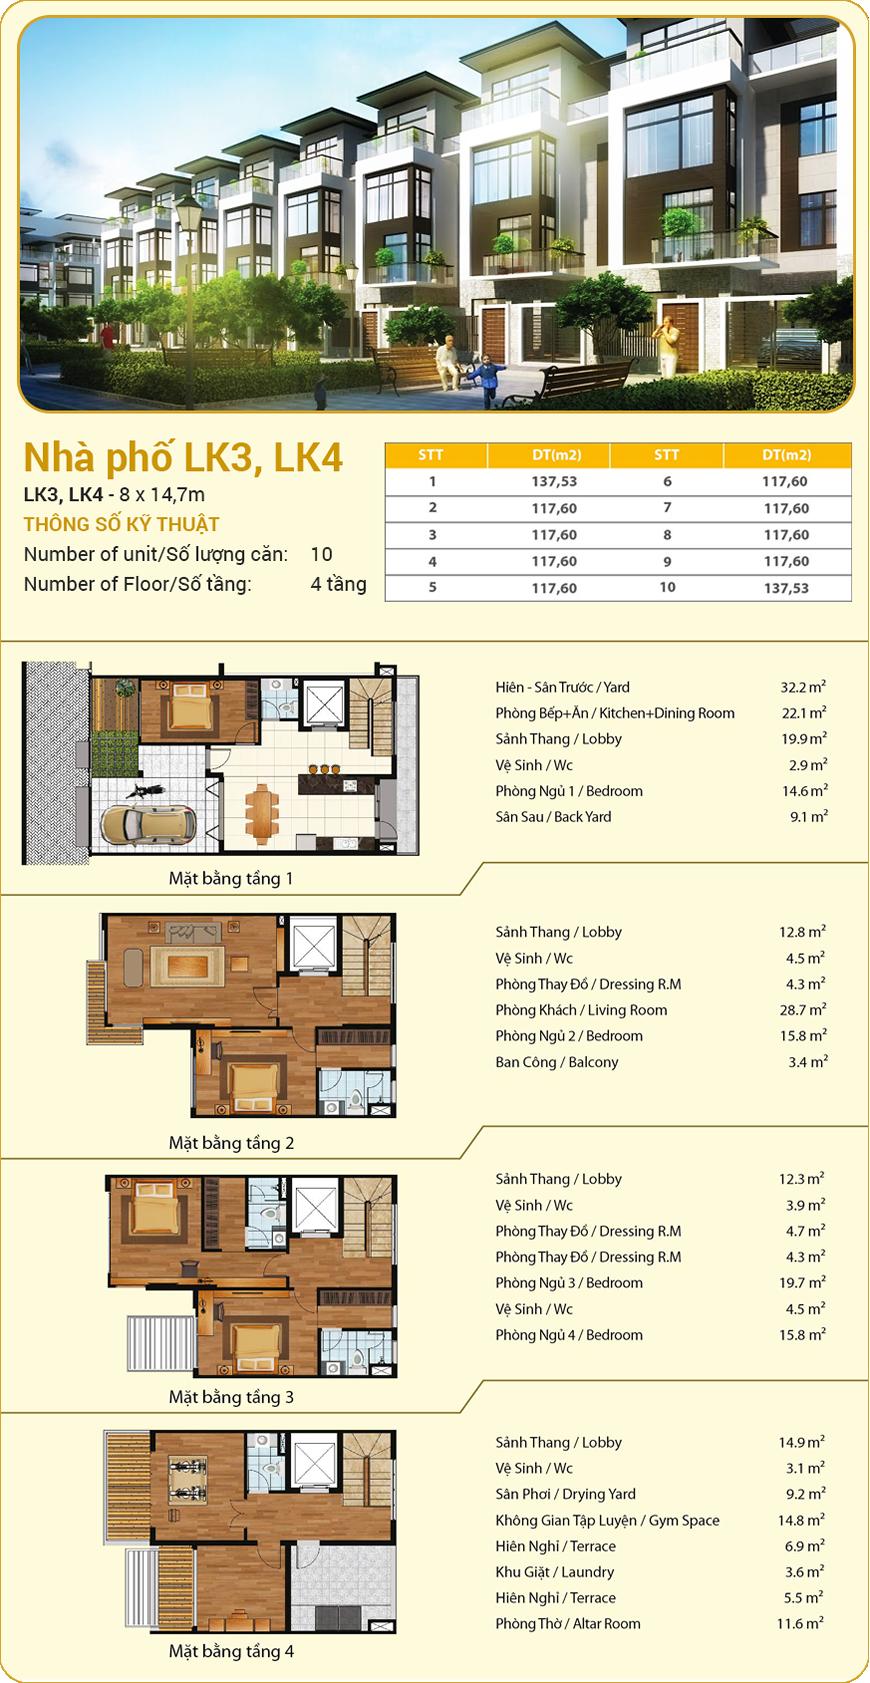 Mẫu thiết kế nhà liền kề LK3, LK4 dự án Hà Đô 756 Sài Gòn